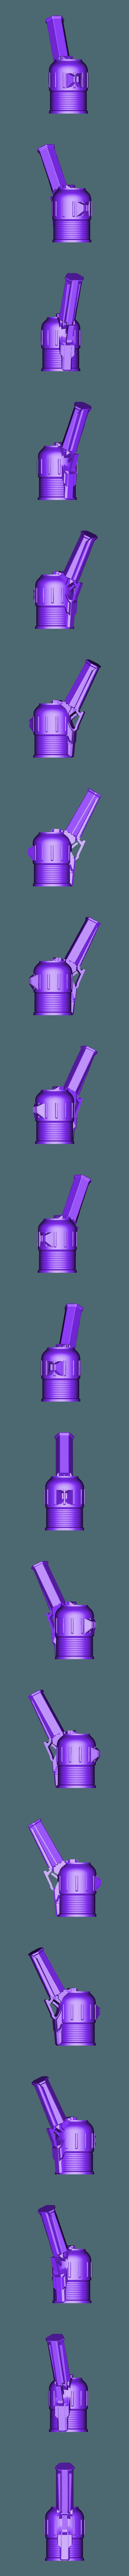 blaster_rear.stl Télécharger fichier STL gratuit Grenailleuse à plasma • Modèle pour imprimante 3D, Lance_Greene